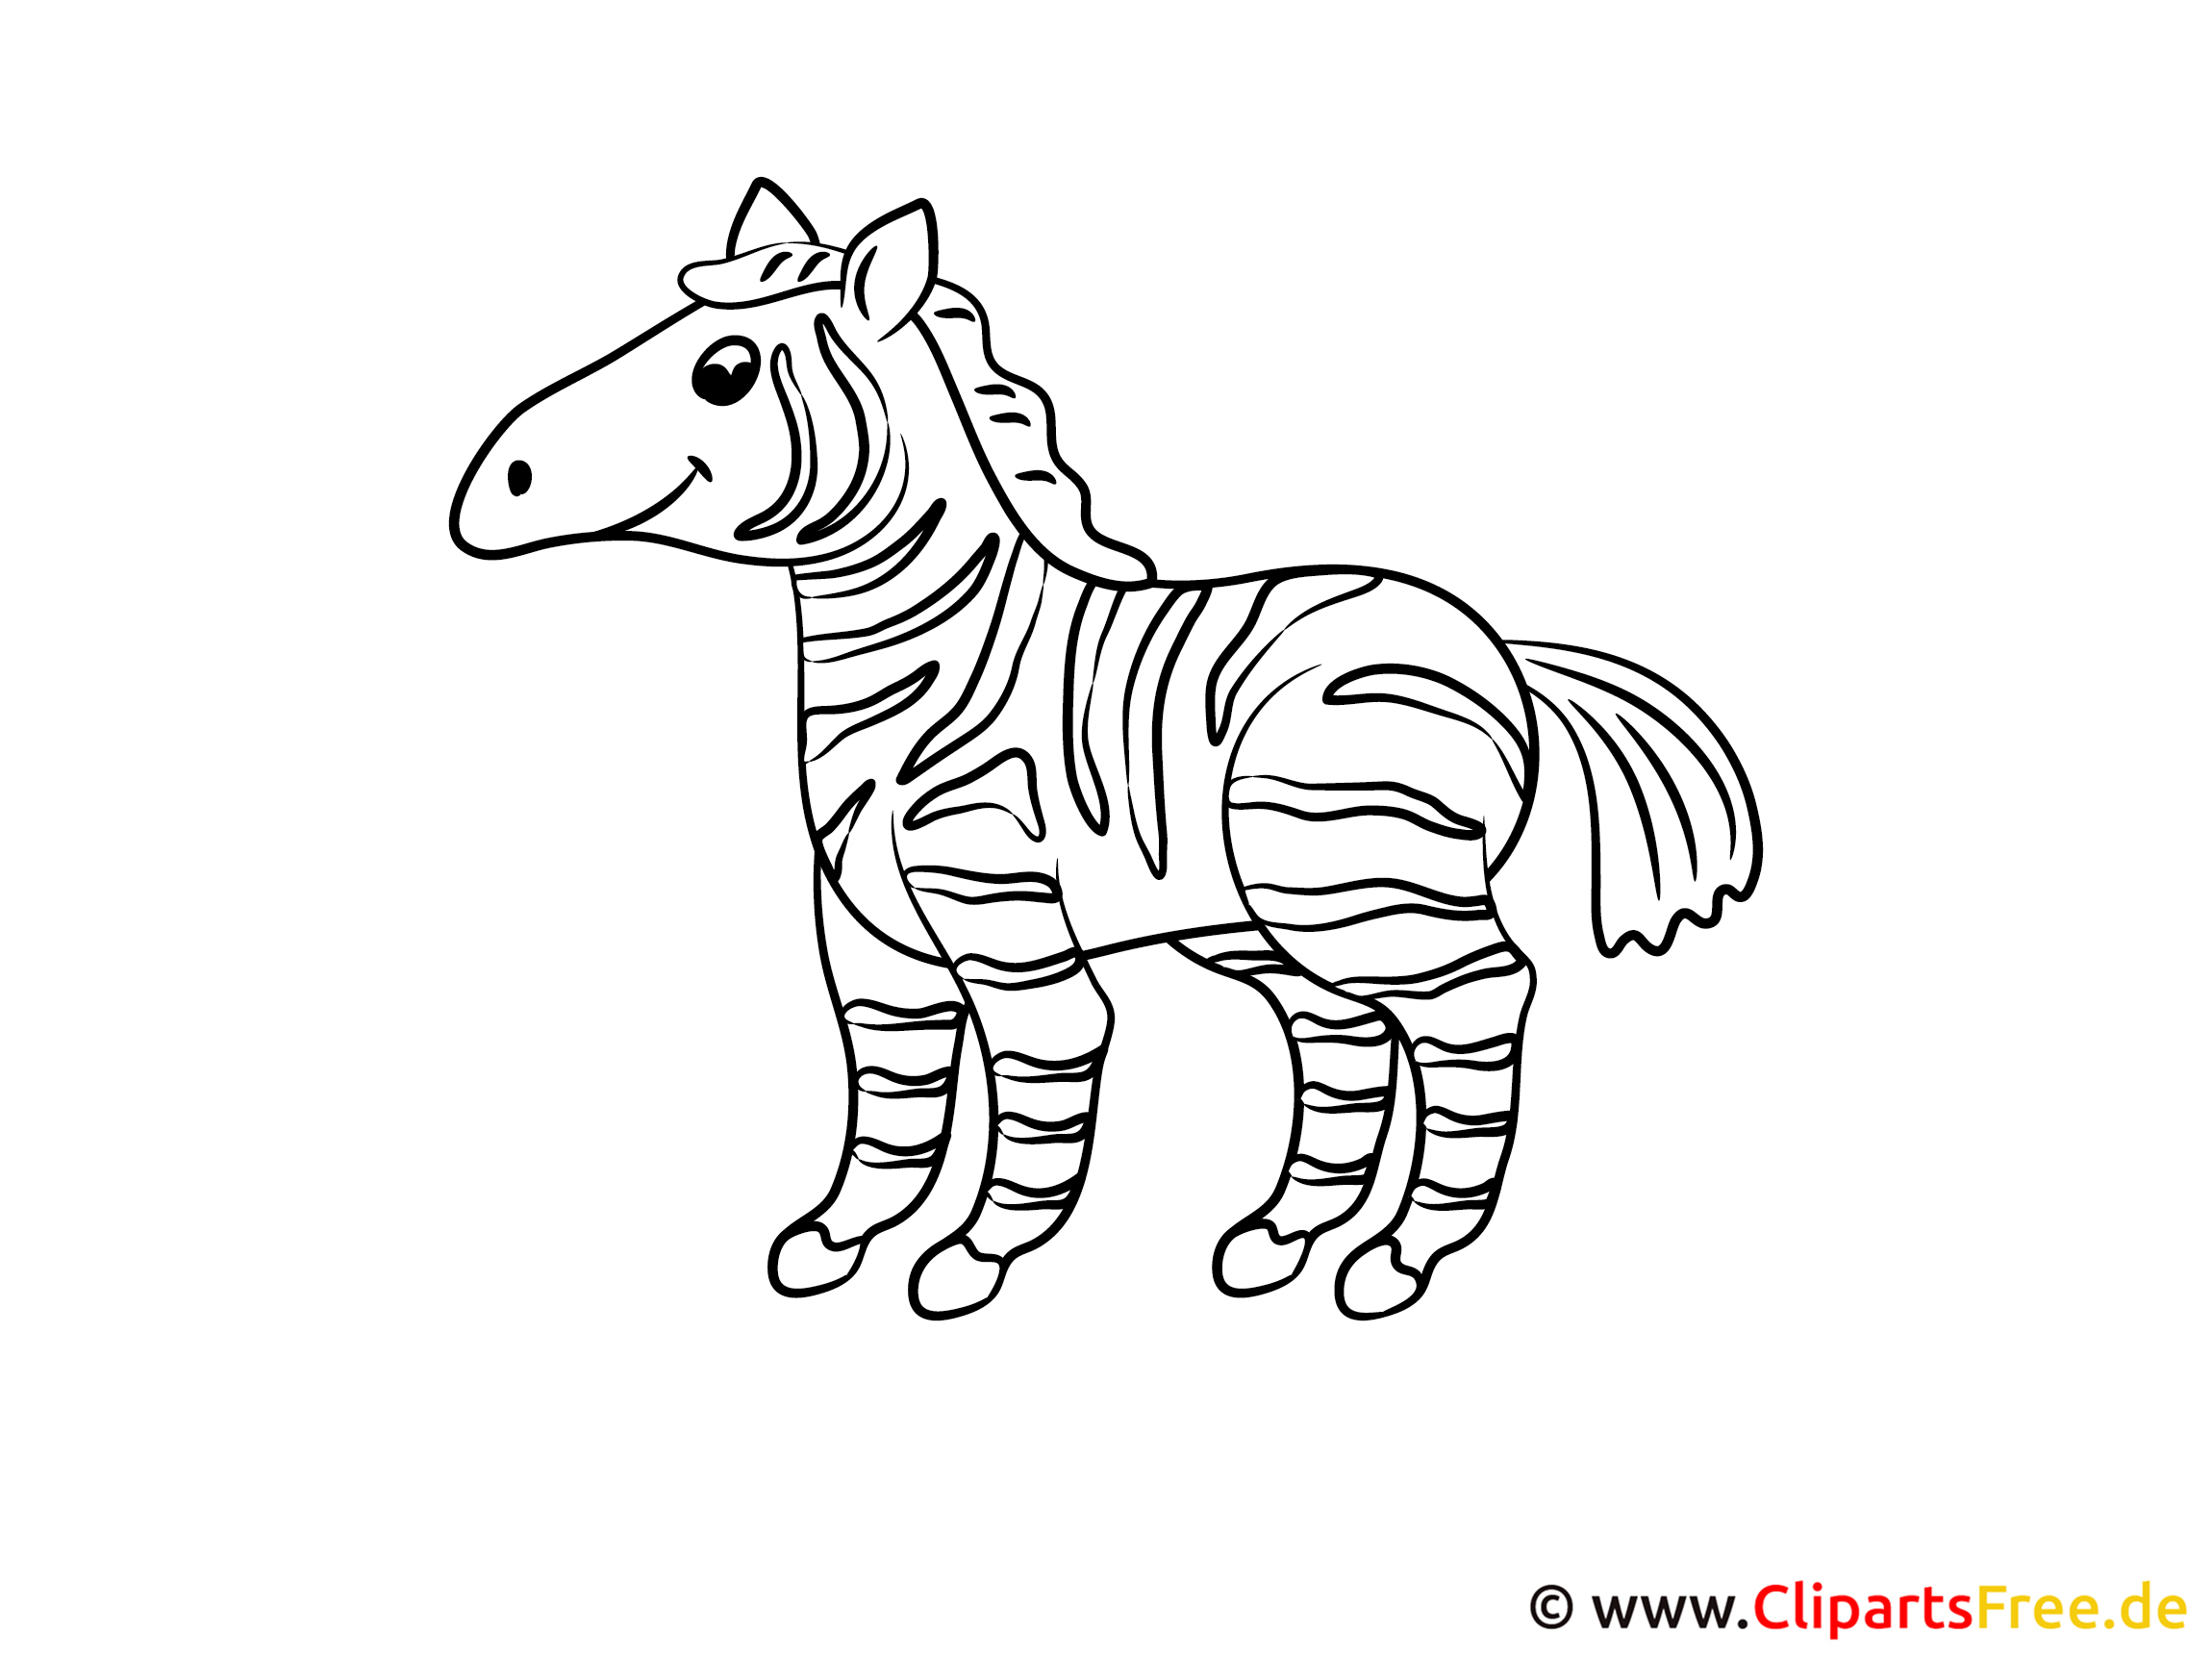 Malvorlagen für Kleinkinder Zebra